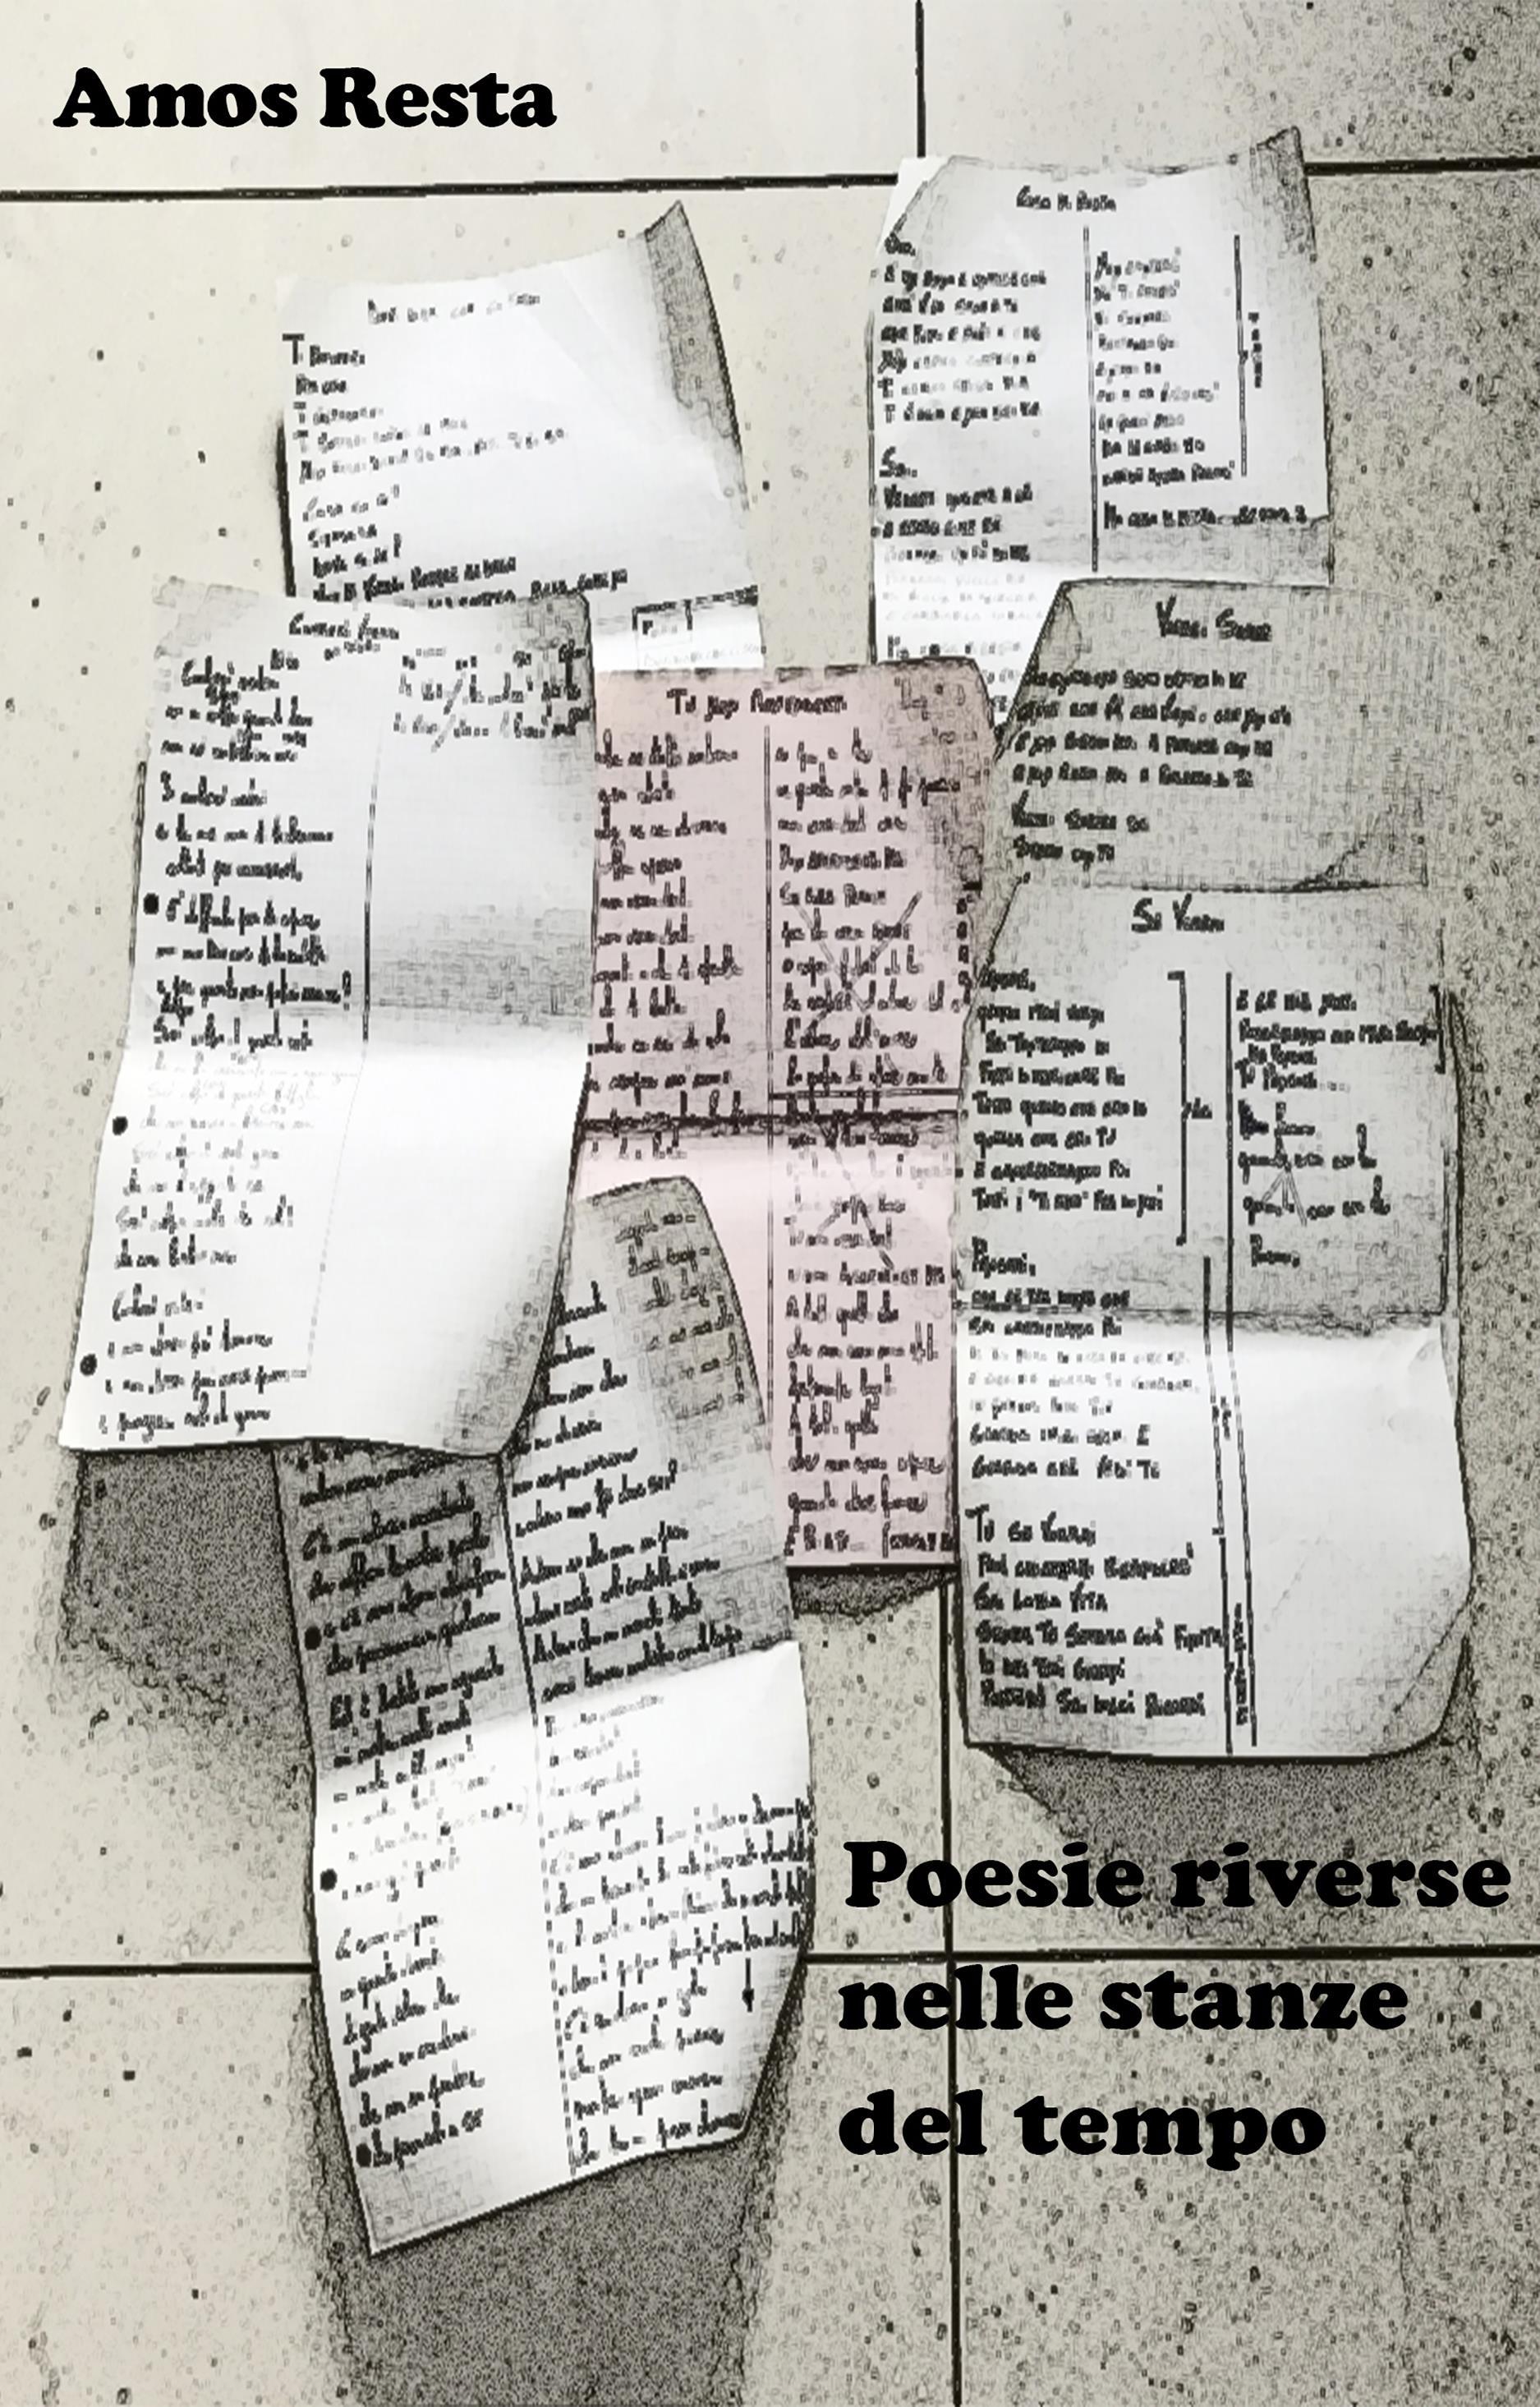 Poesie riverse nelle stanze del tempo